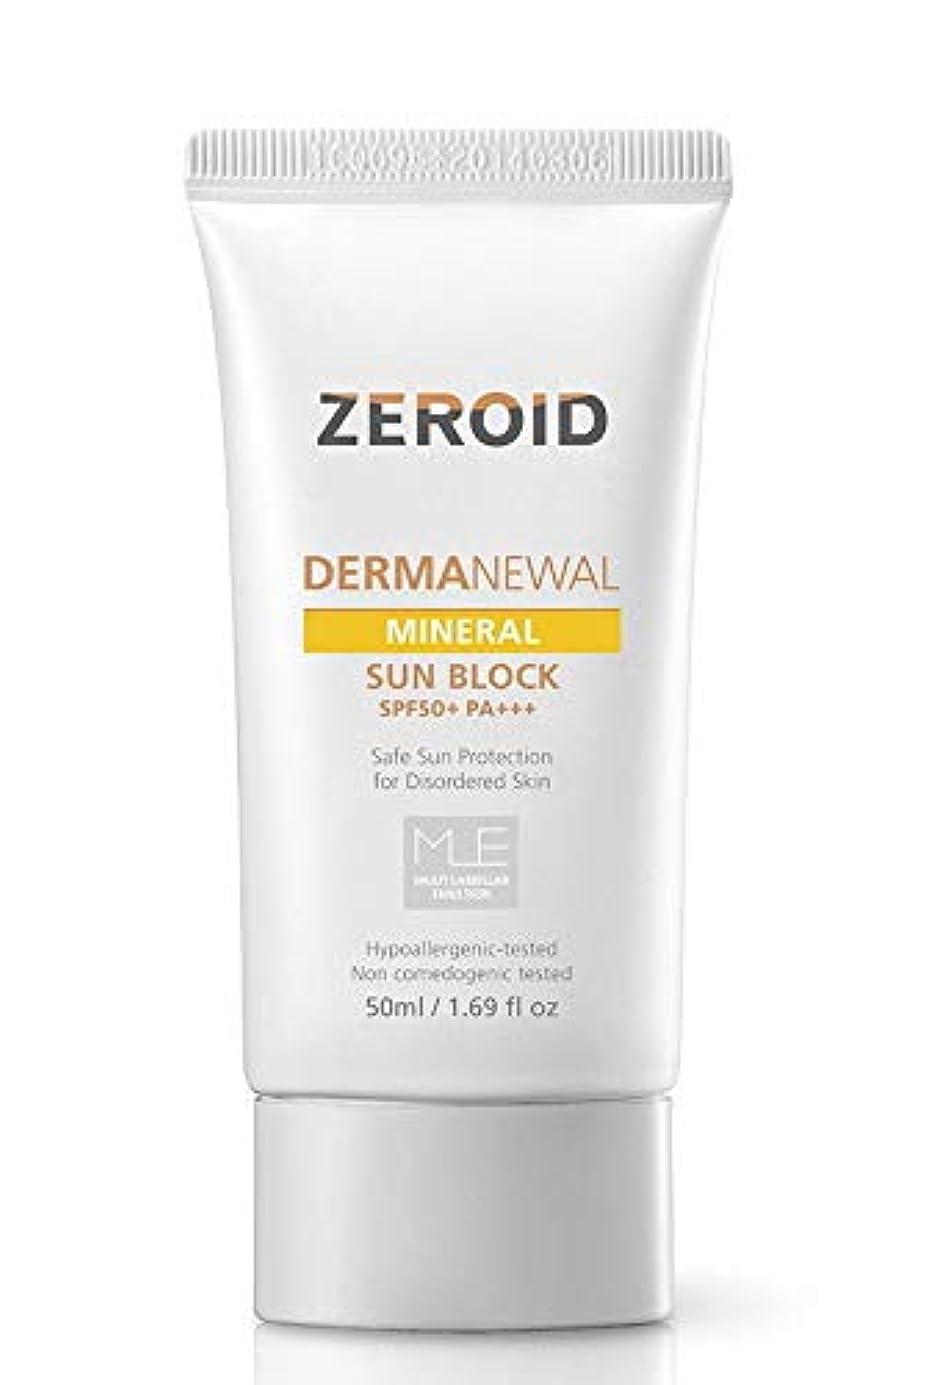 マーキー区別ワイヤーZEROID ゼロイド DERMANEWAL SUN BLOCK 50ml SPF50+ PA++ [韓国 日焼け止め]